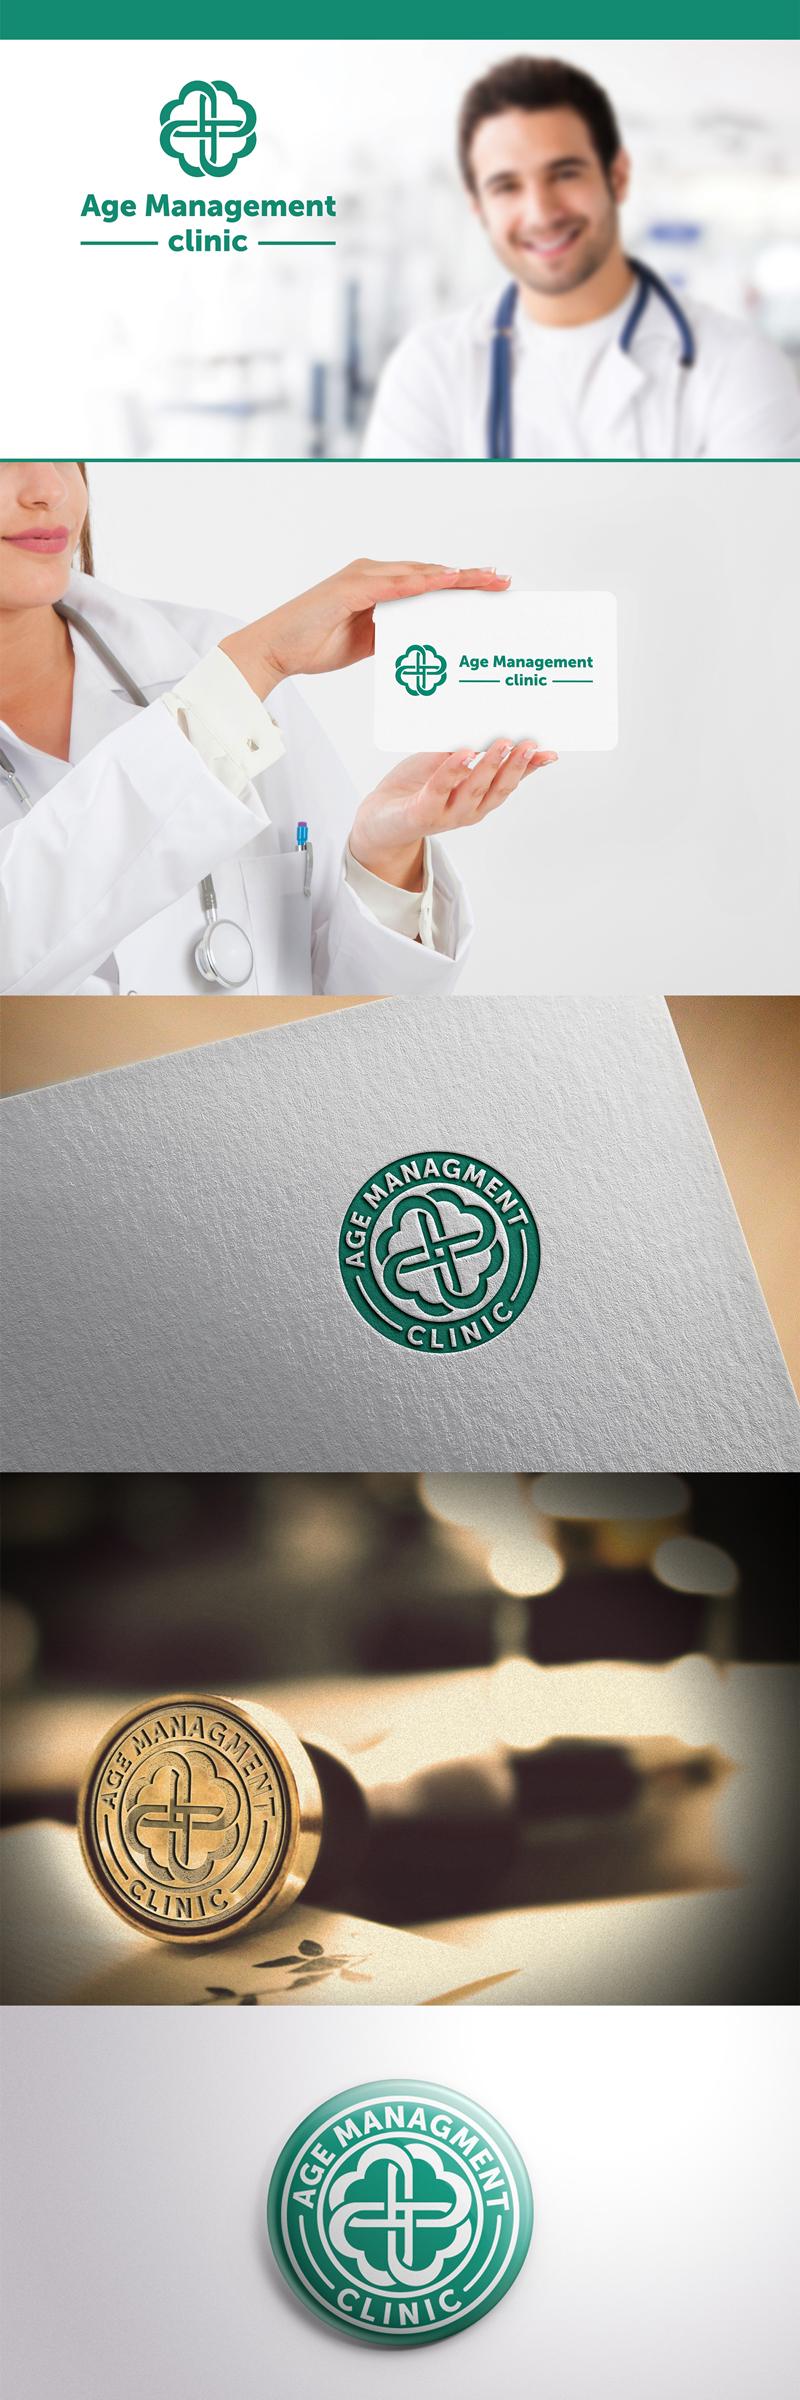 Логотип для медицинского центра (клиники)  фото f_3055ba12f416c3b5.jpg